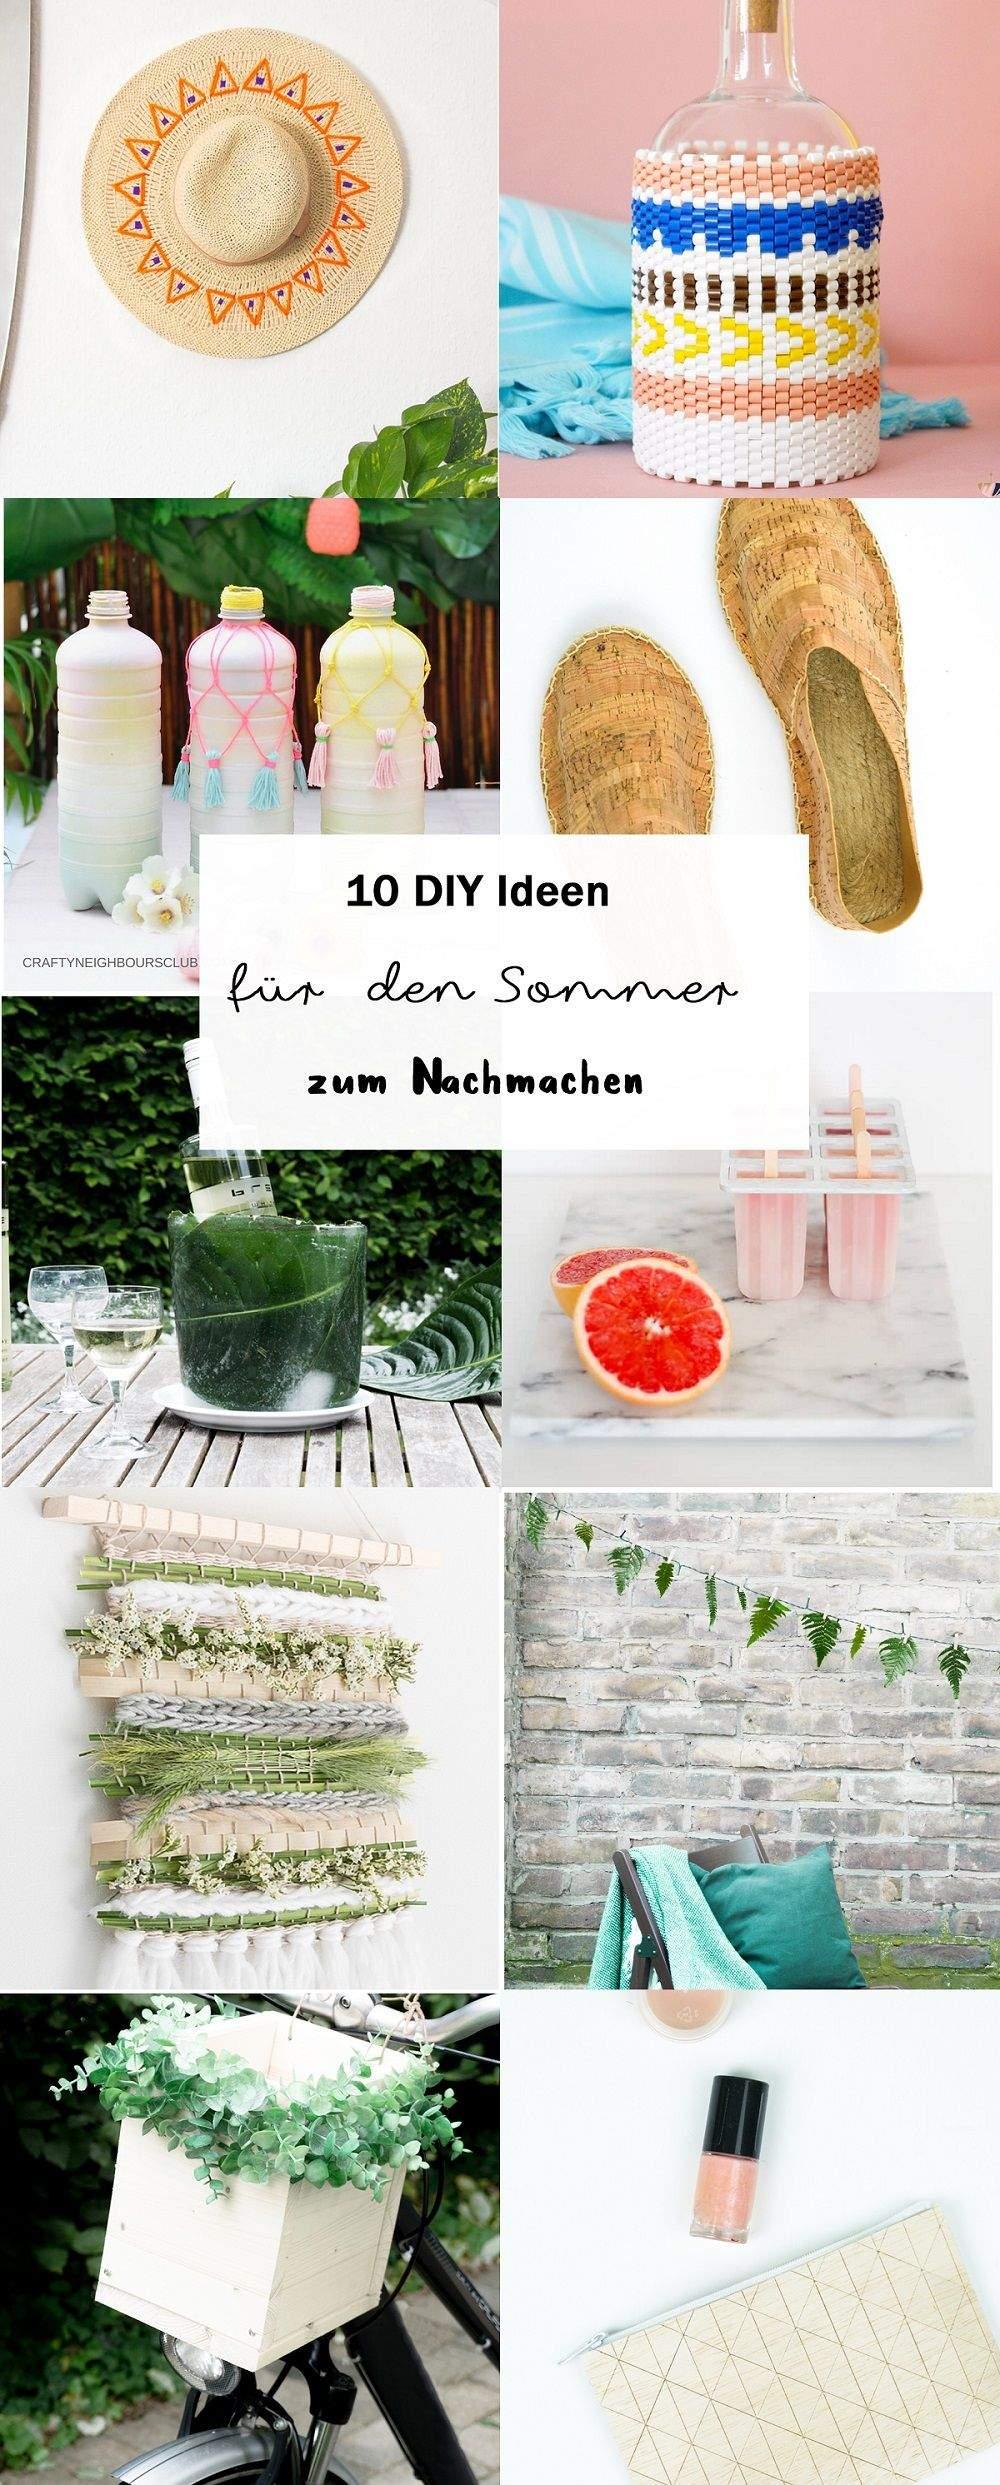 Diy Bastelideen Garten Frisch 10 Diy Bastelideen Für Den sommer